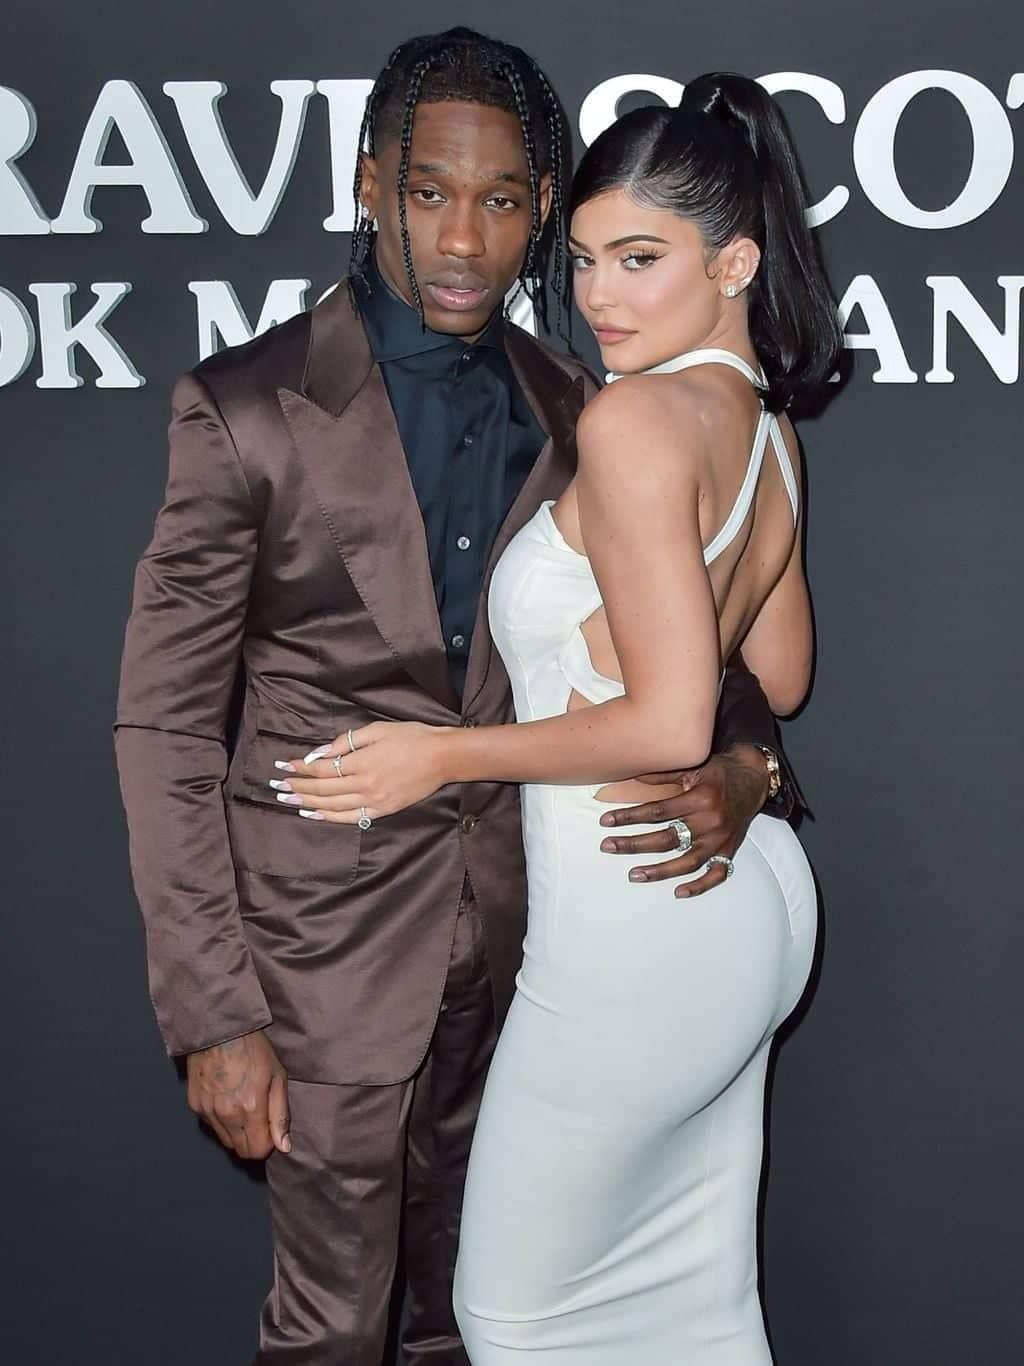 Les différentes réactions de Kylie Jenner et Travis Scott après leur rupture